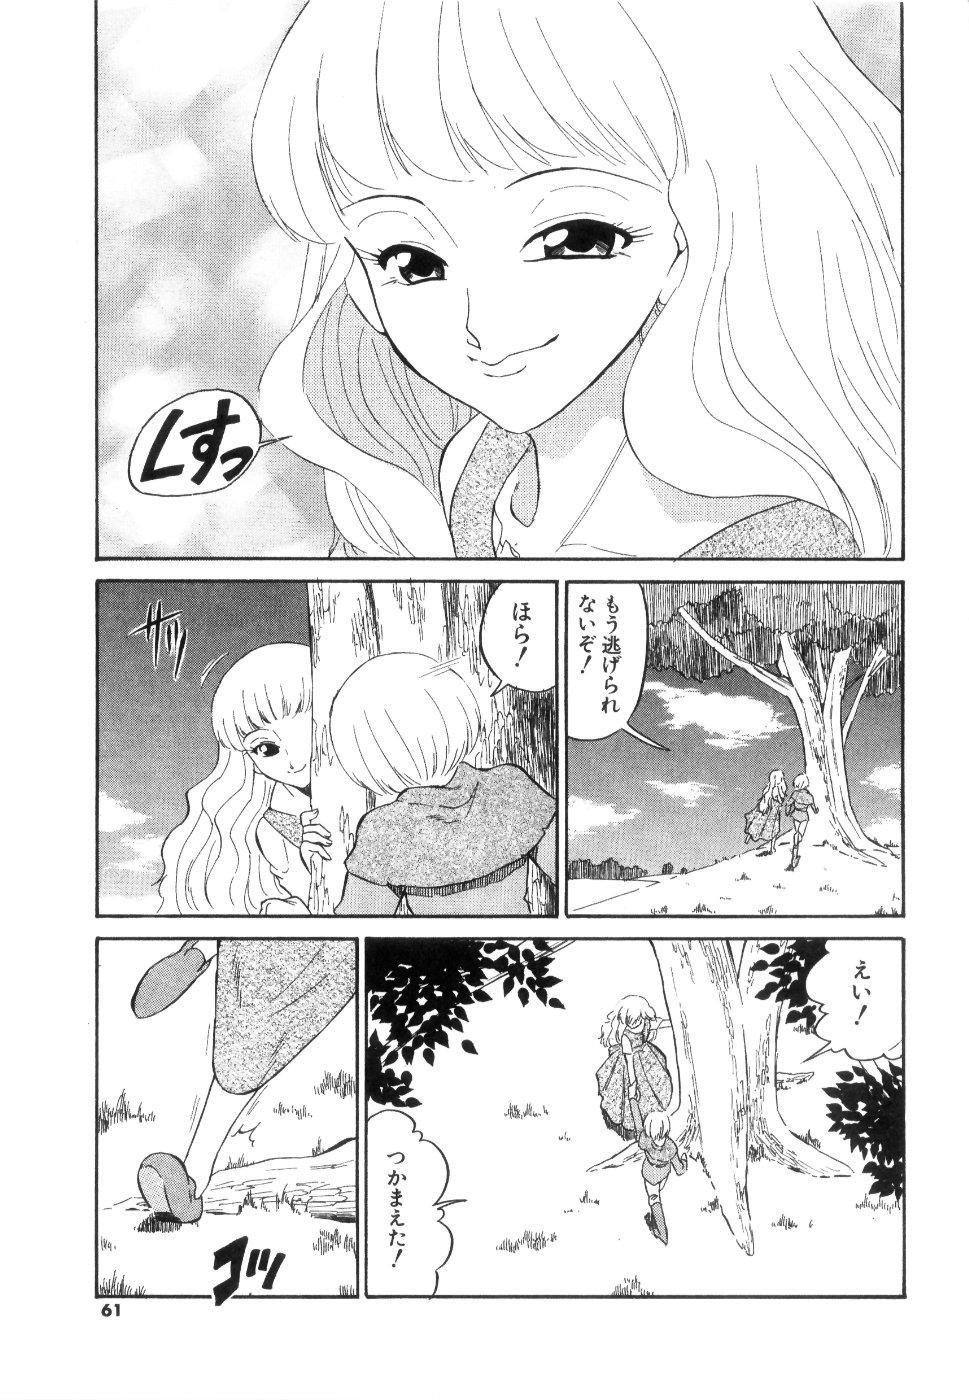 [Dozamura] Doguu -Dozamura Guuwa- Kuro 61